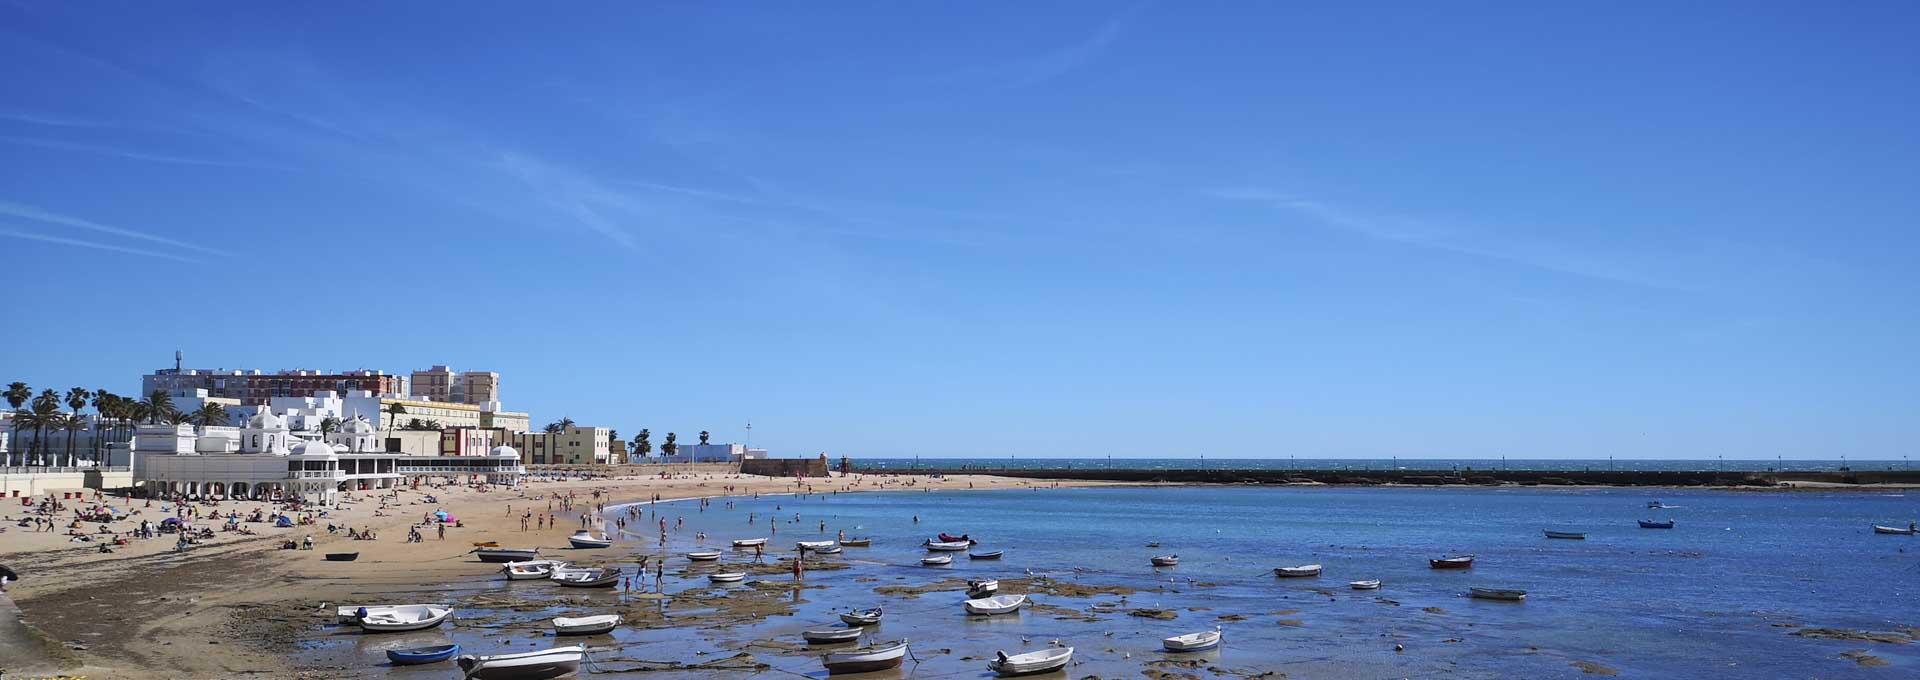 Imagen de Portada en la Guía de Viajes de Cádiz en Tudestino.es